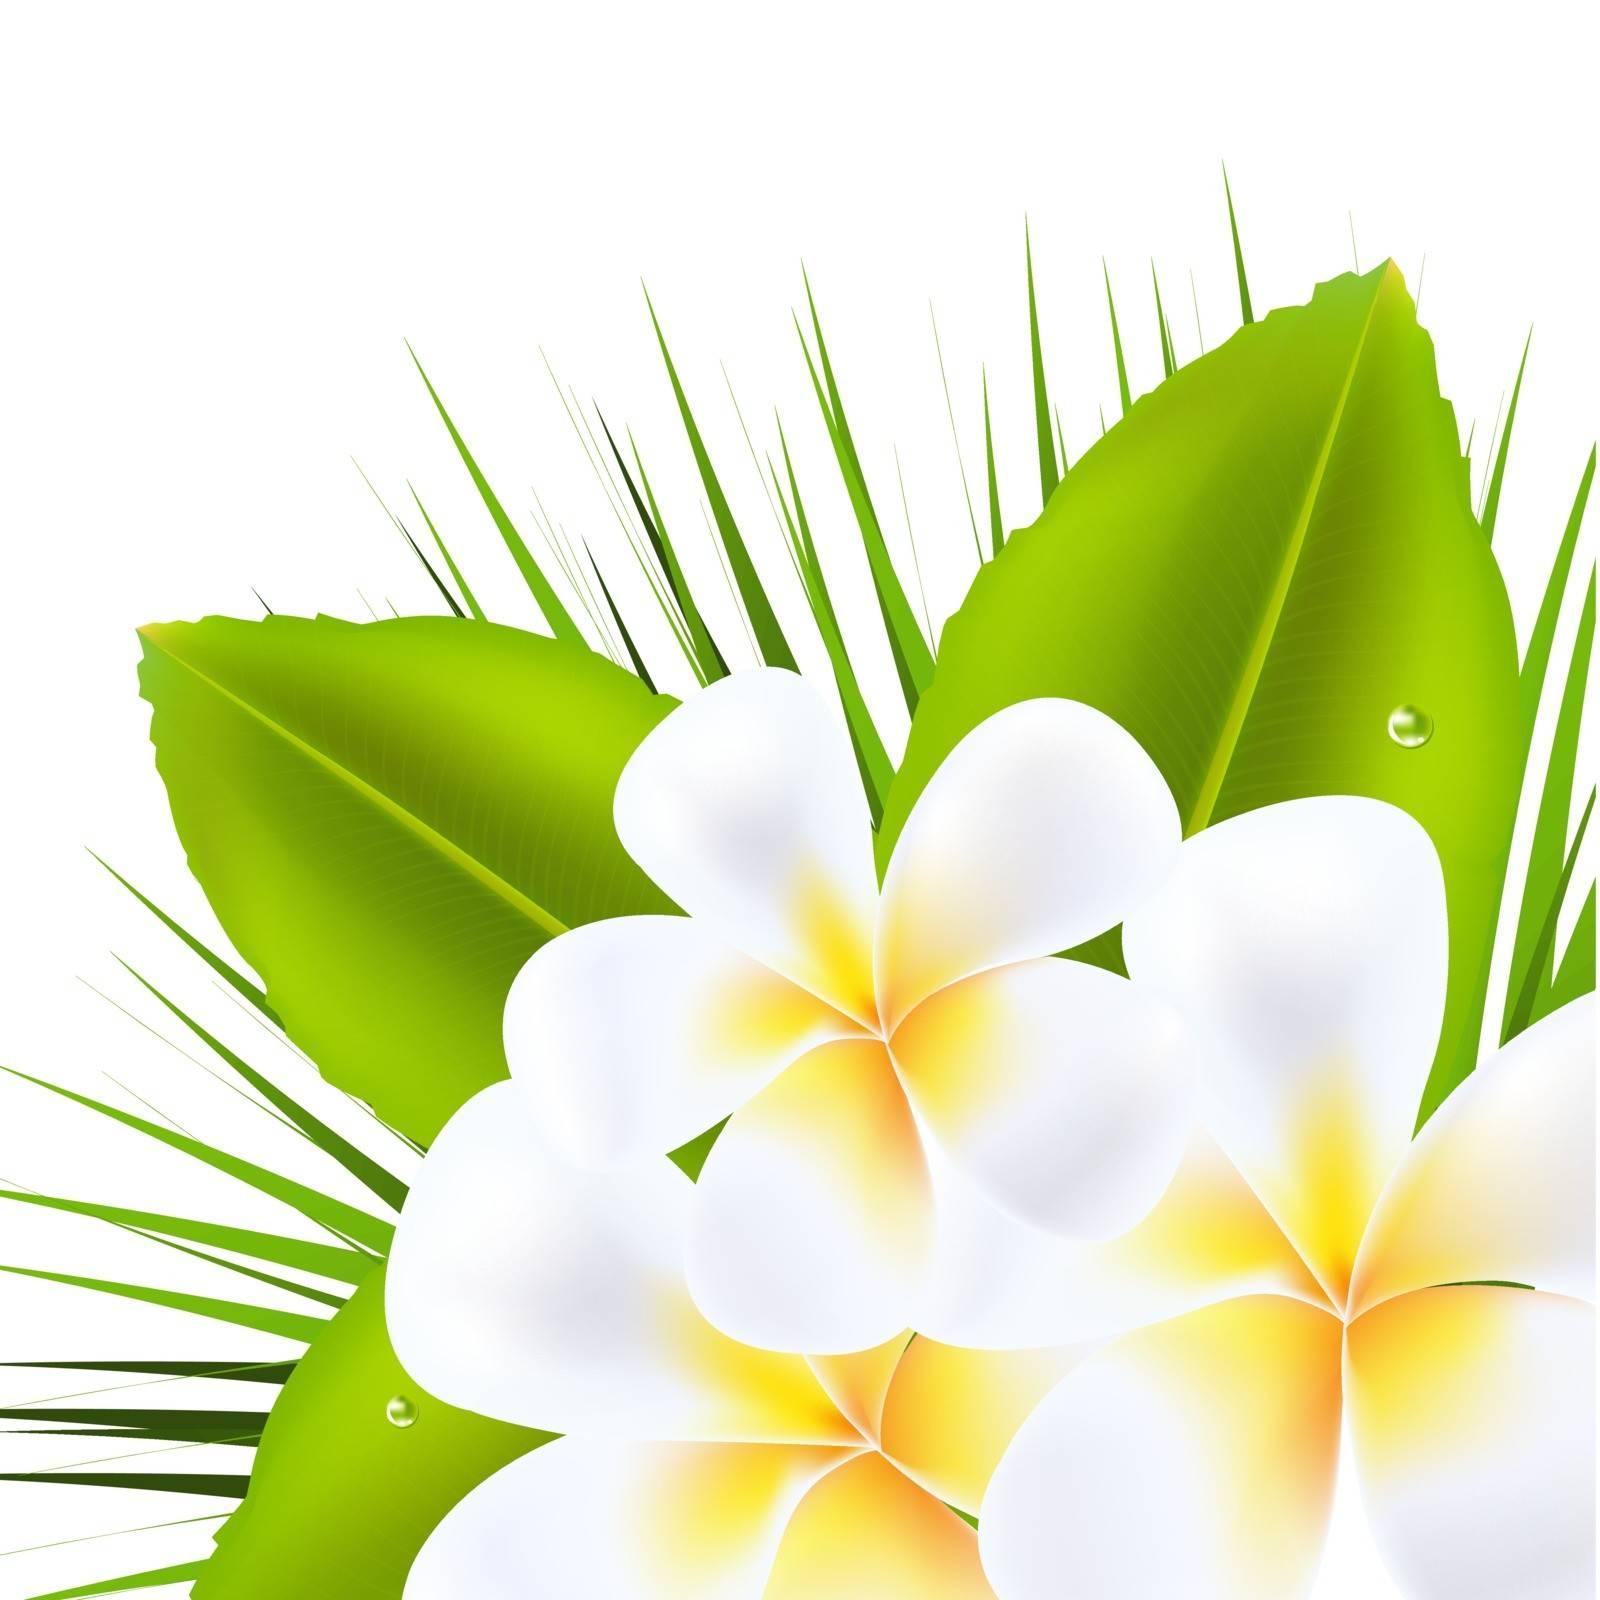 3 Beautiful Frangipani, Isolated On White Background, Vector Illustration